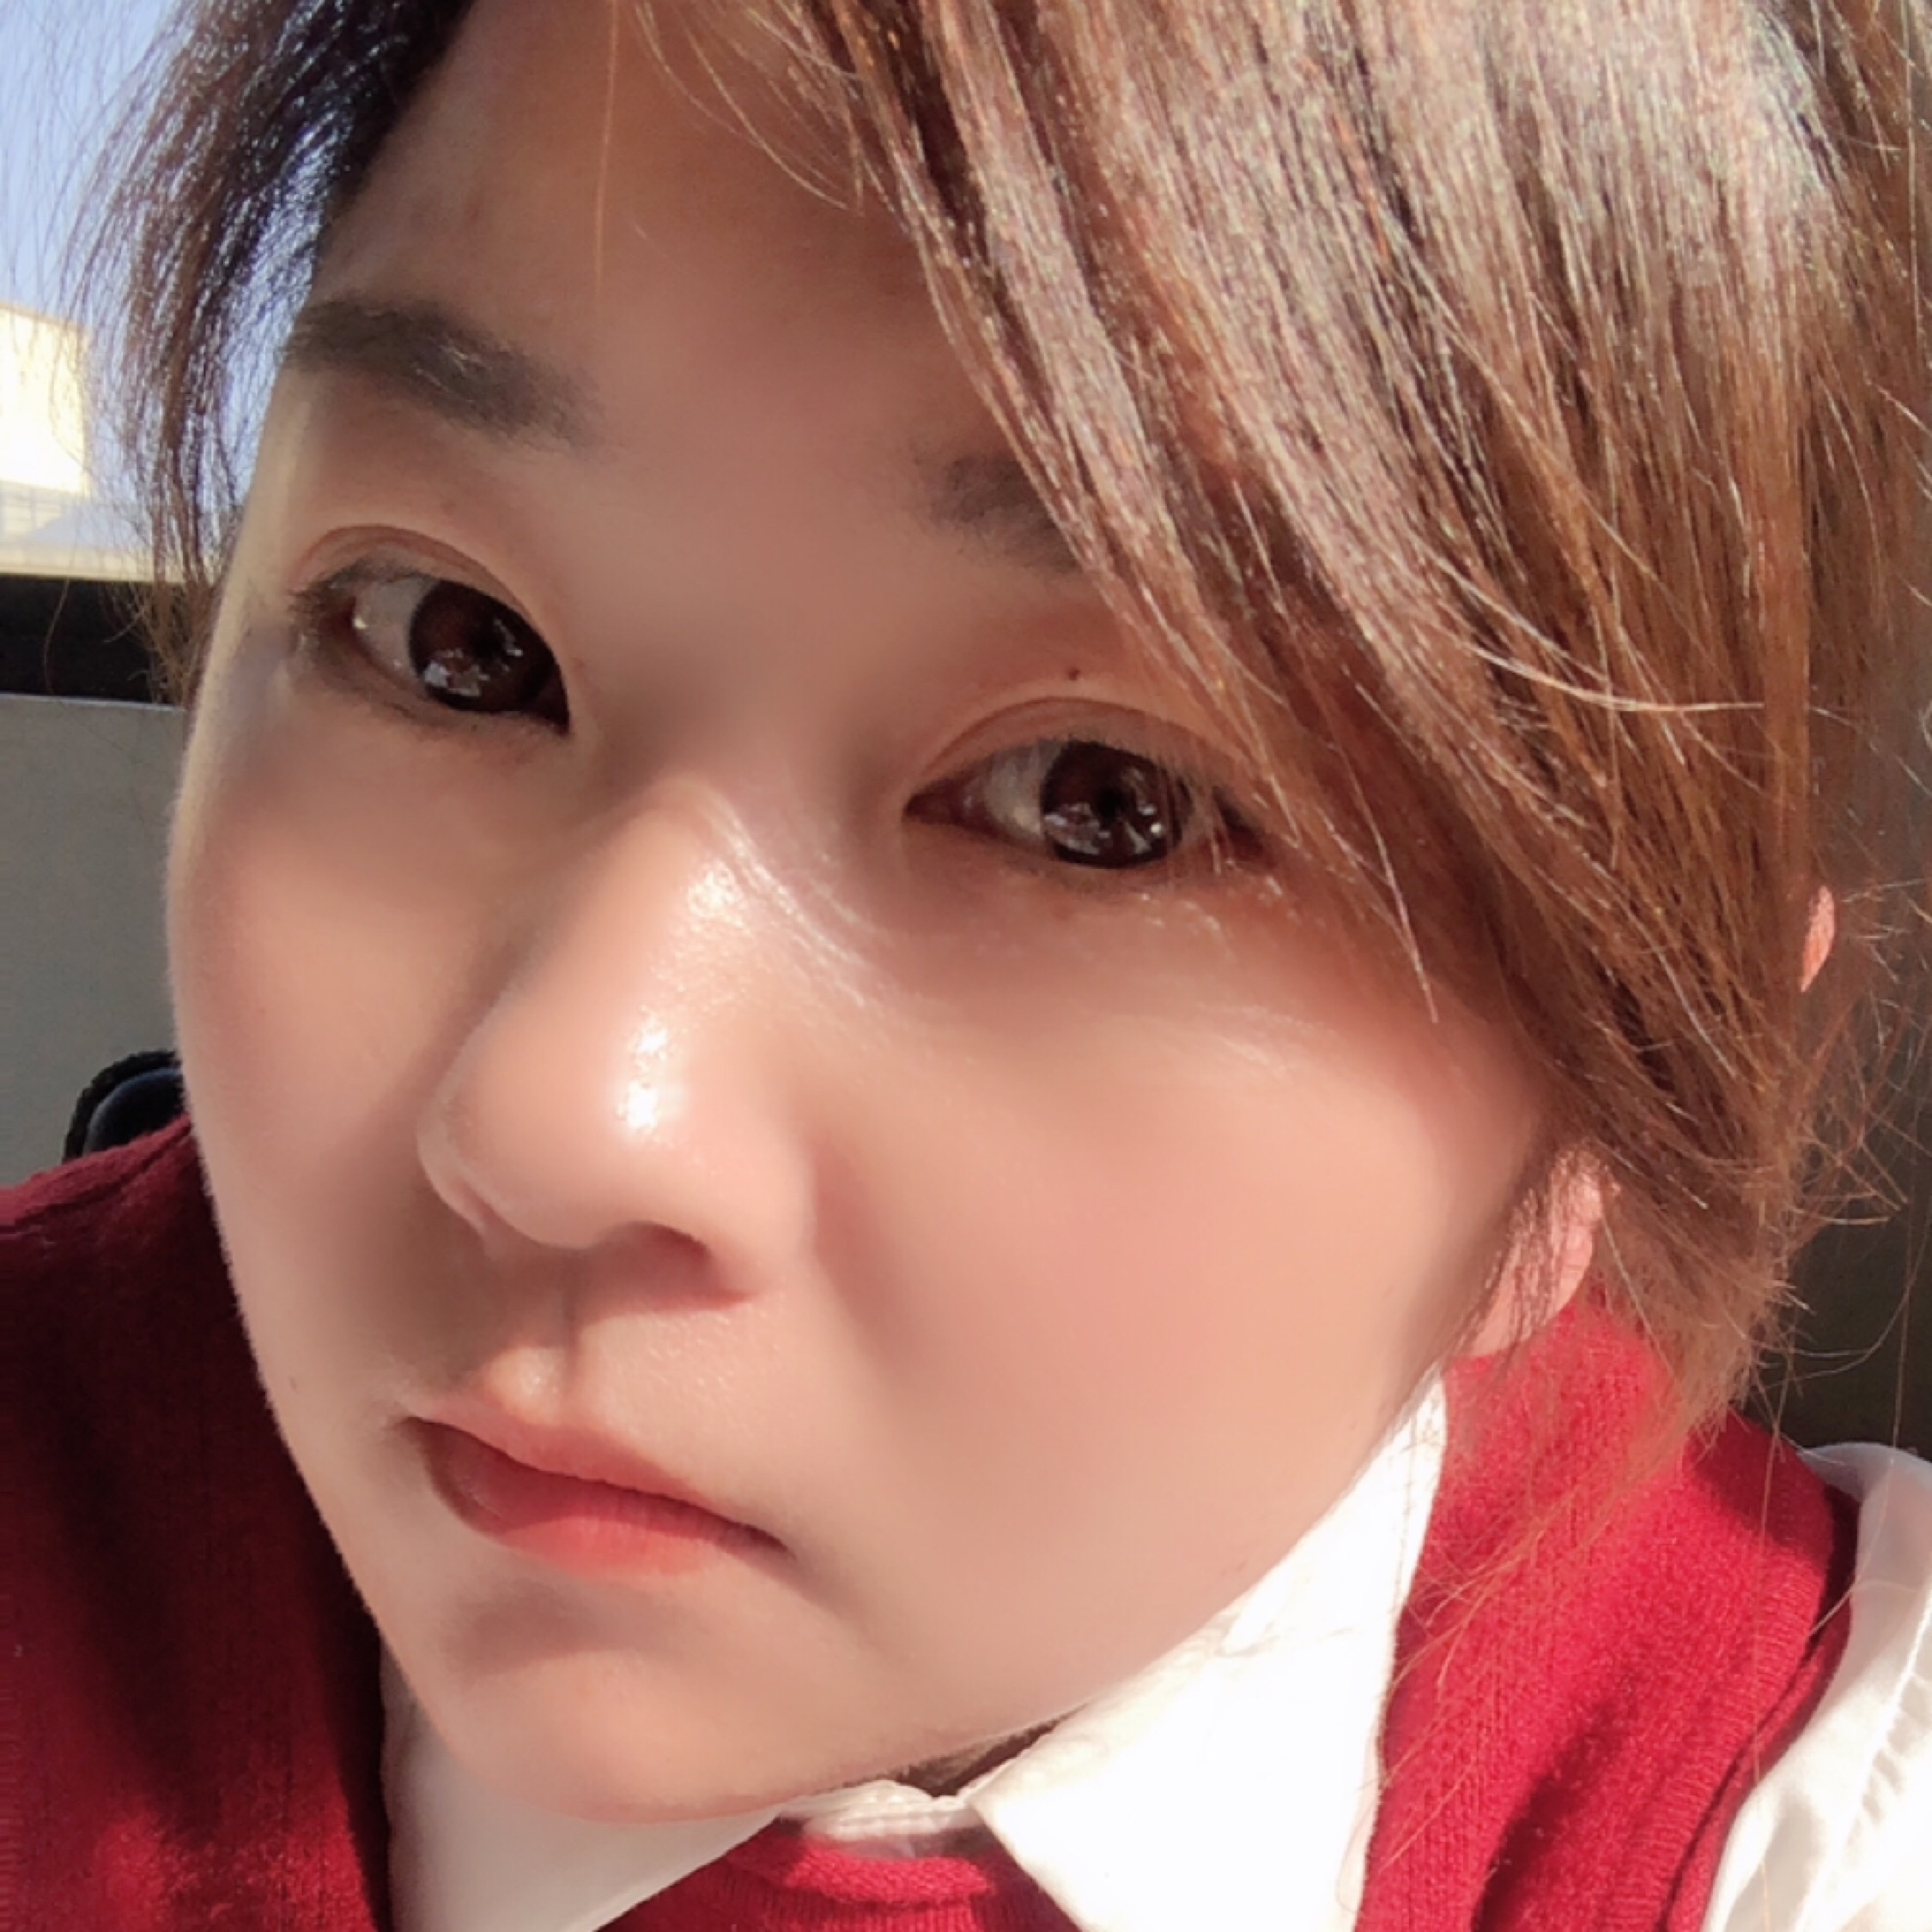 wanGhui